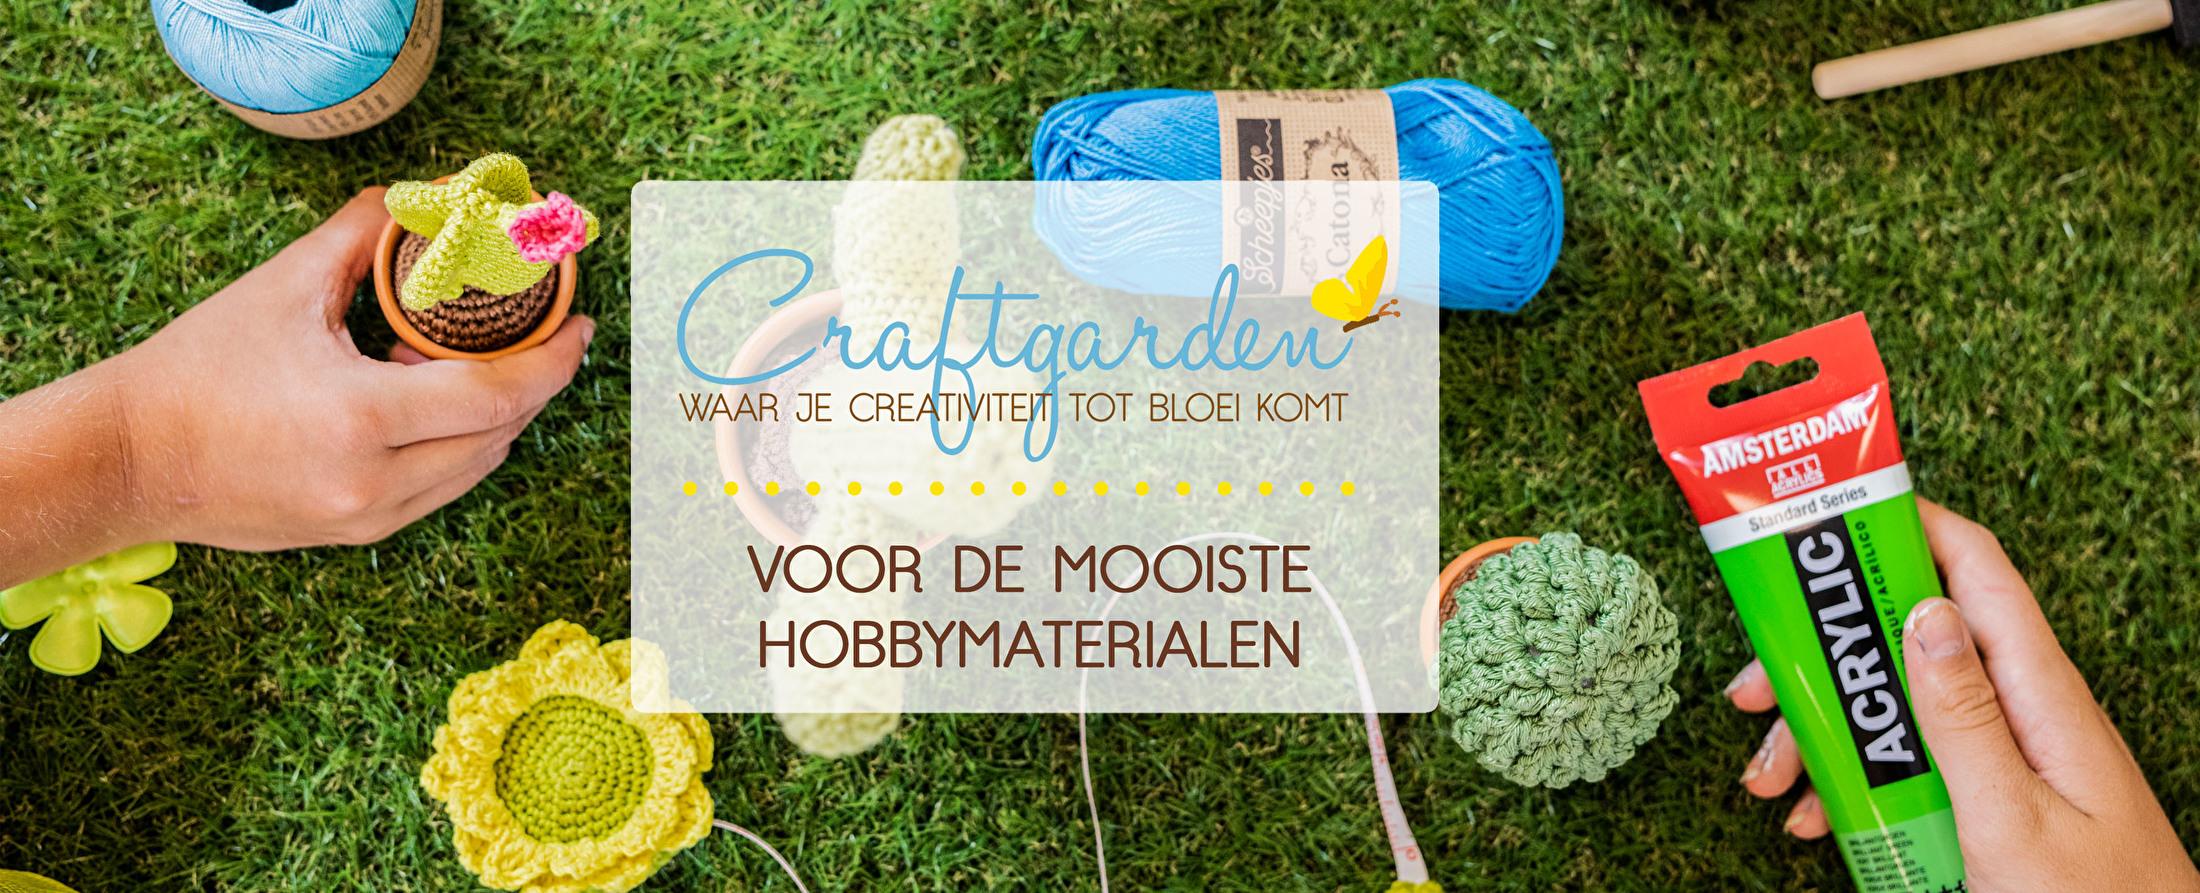 craftgarden-hobbywinkel-schijndel-noord-brabant-creatief-kinderfestjes-workshops-winkel-handwerk-knu